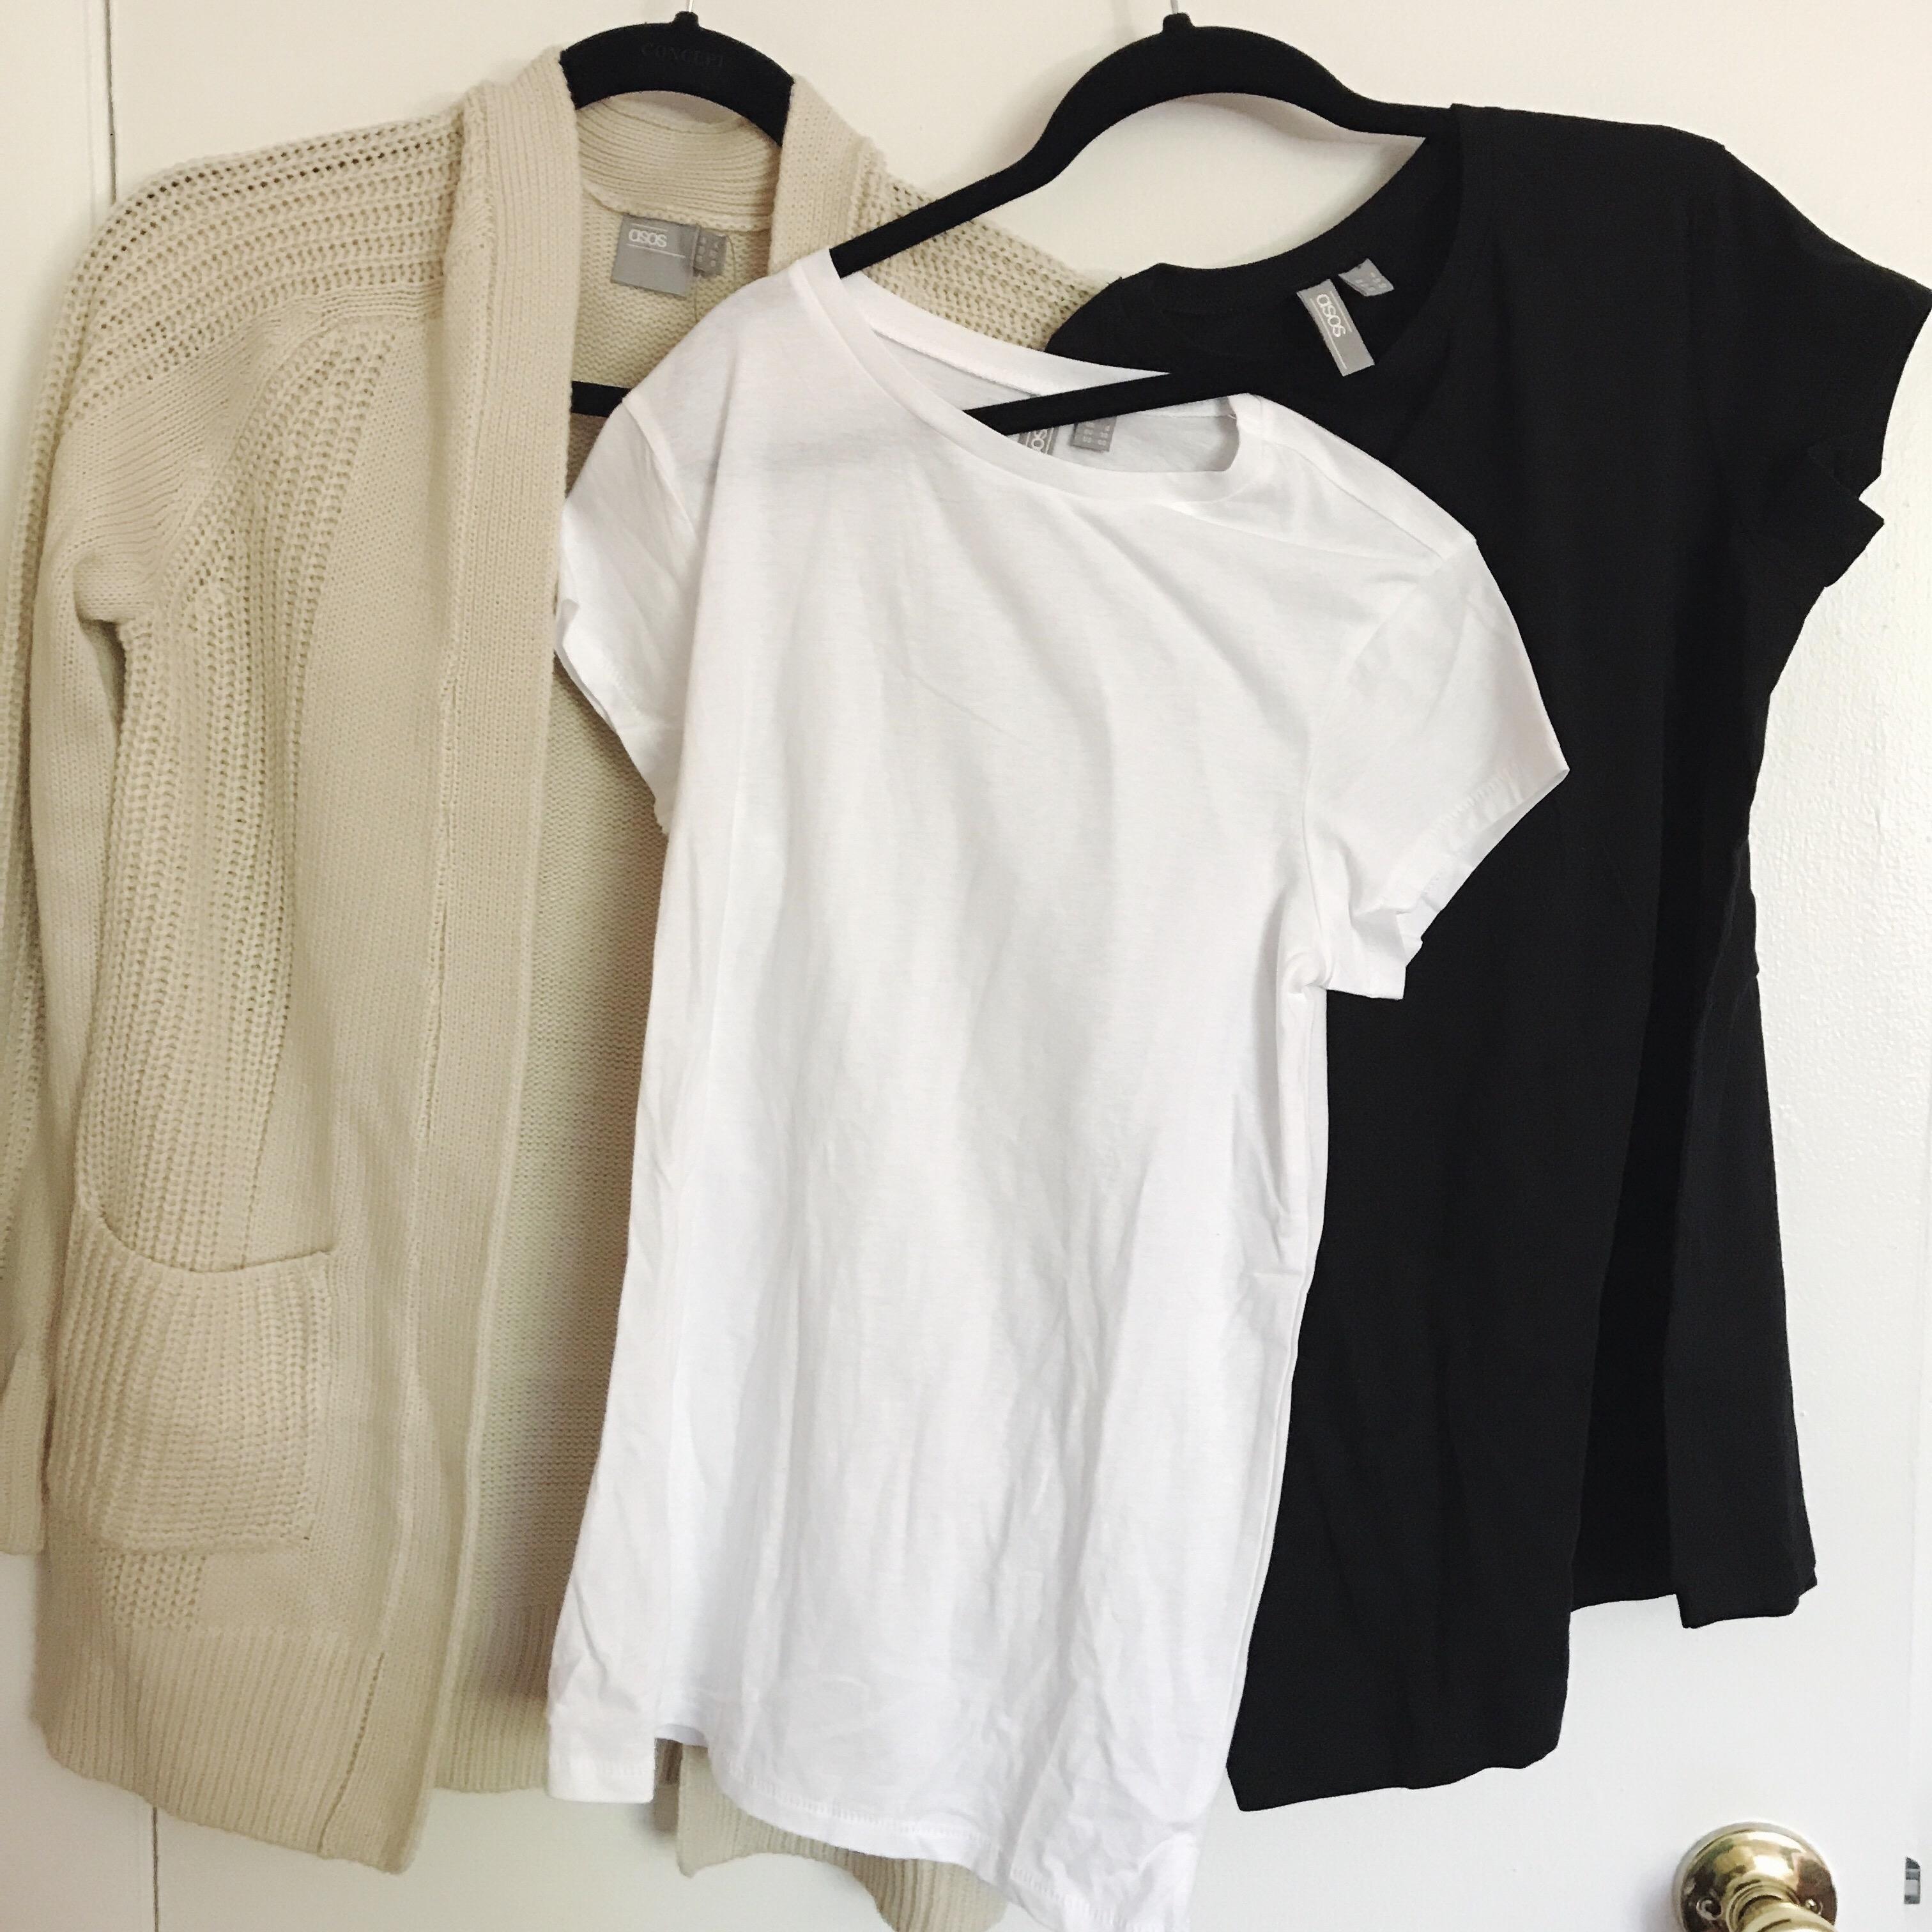 clothing haul blog